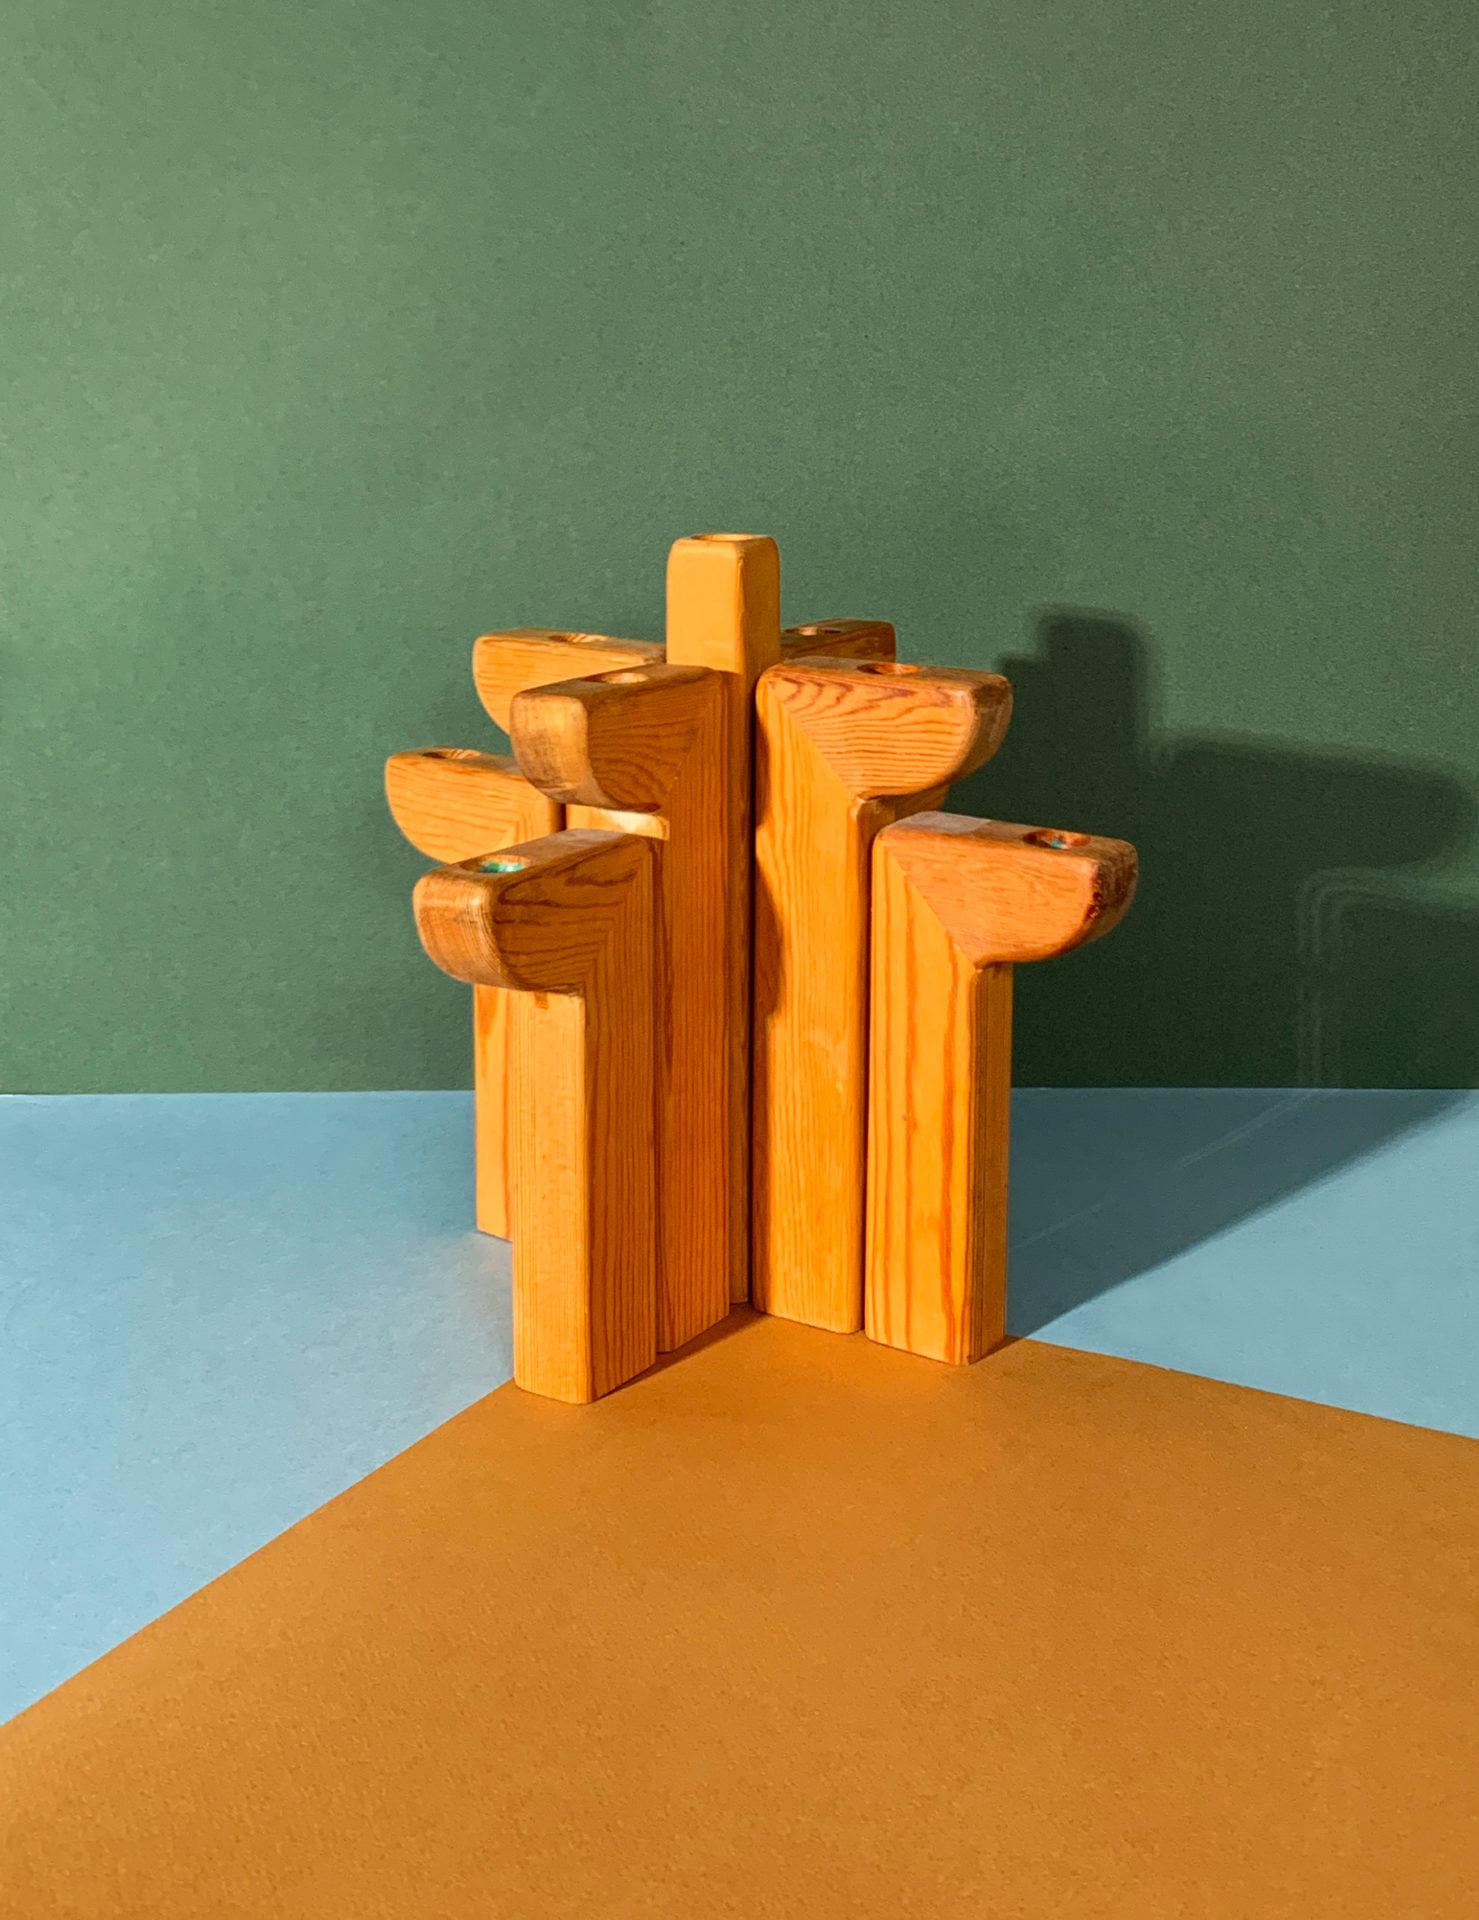 Chandelier en bois, 9 bougies